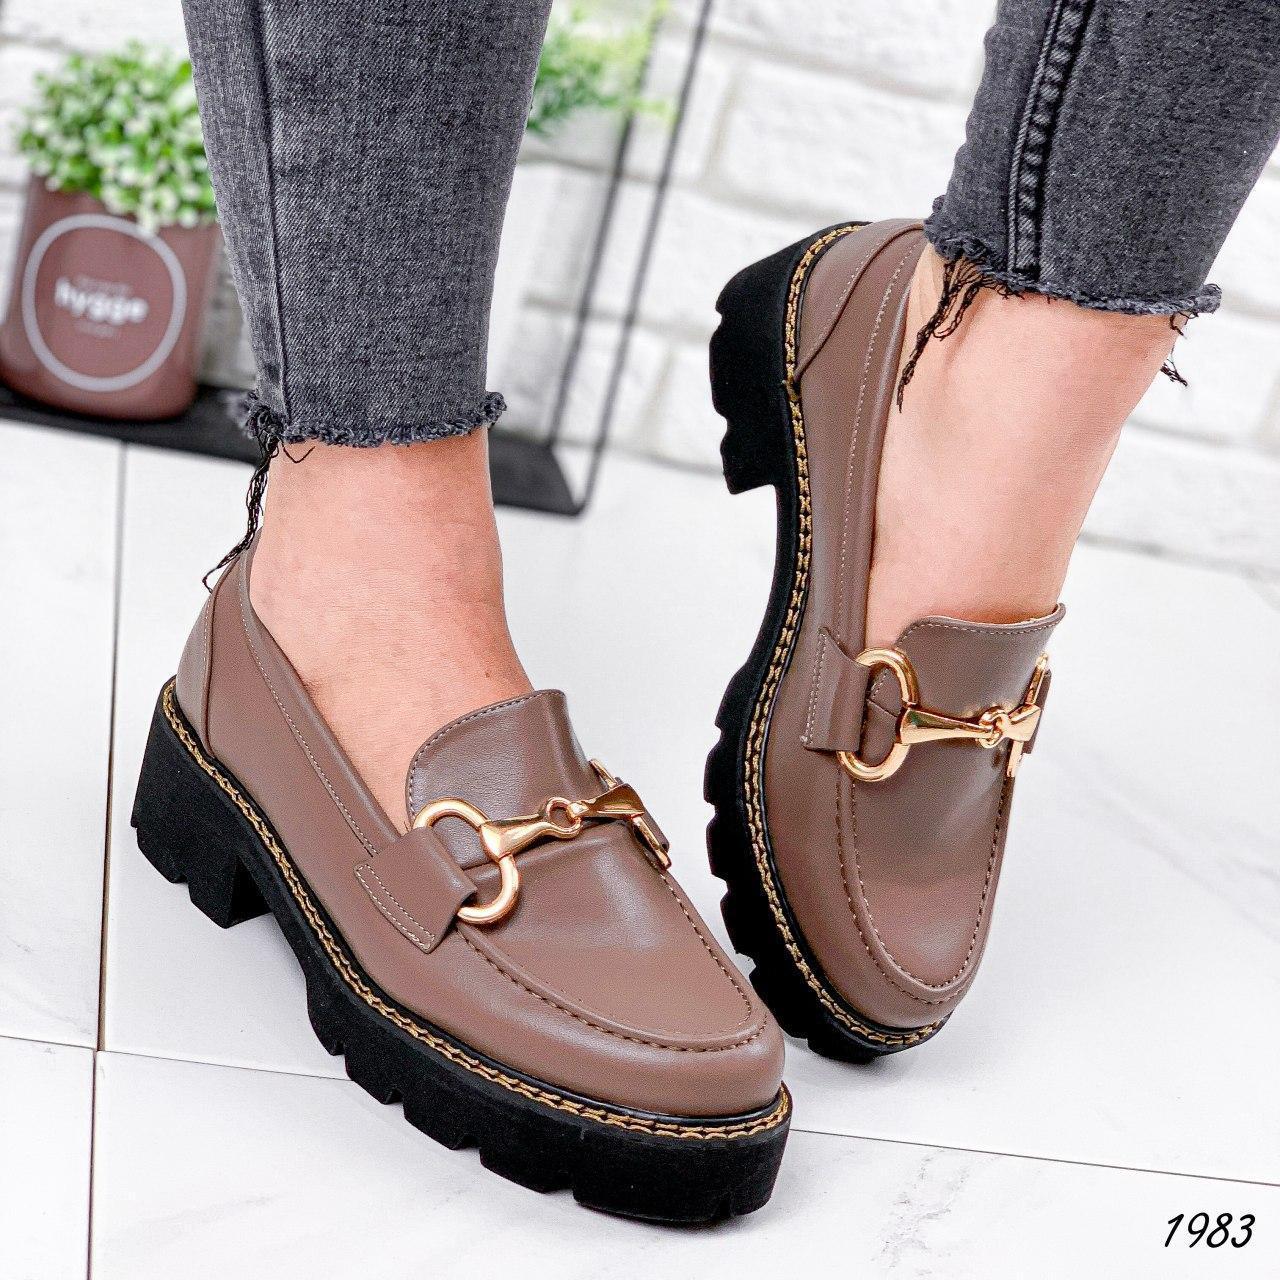 Туфли женские коричневые на платформе из эко кожи. Туфлі жіночі коричневі на платформі з еко шкіри